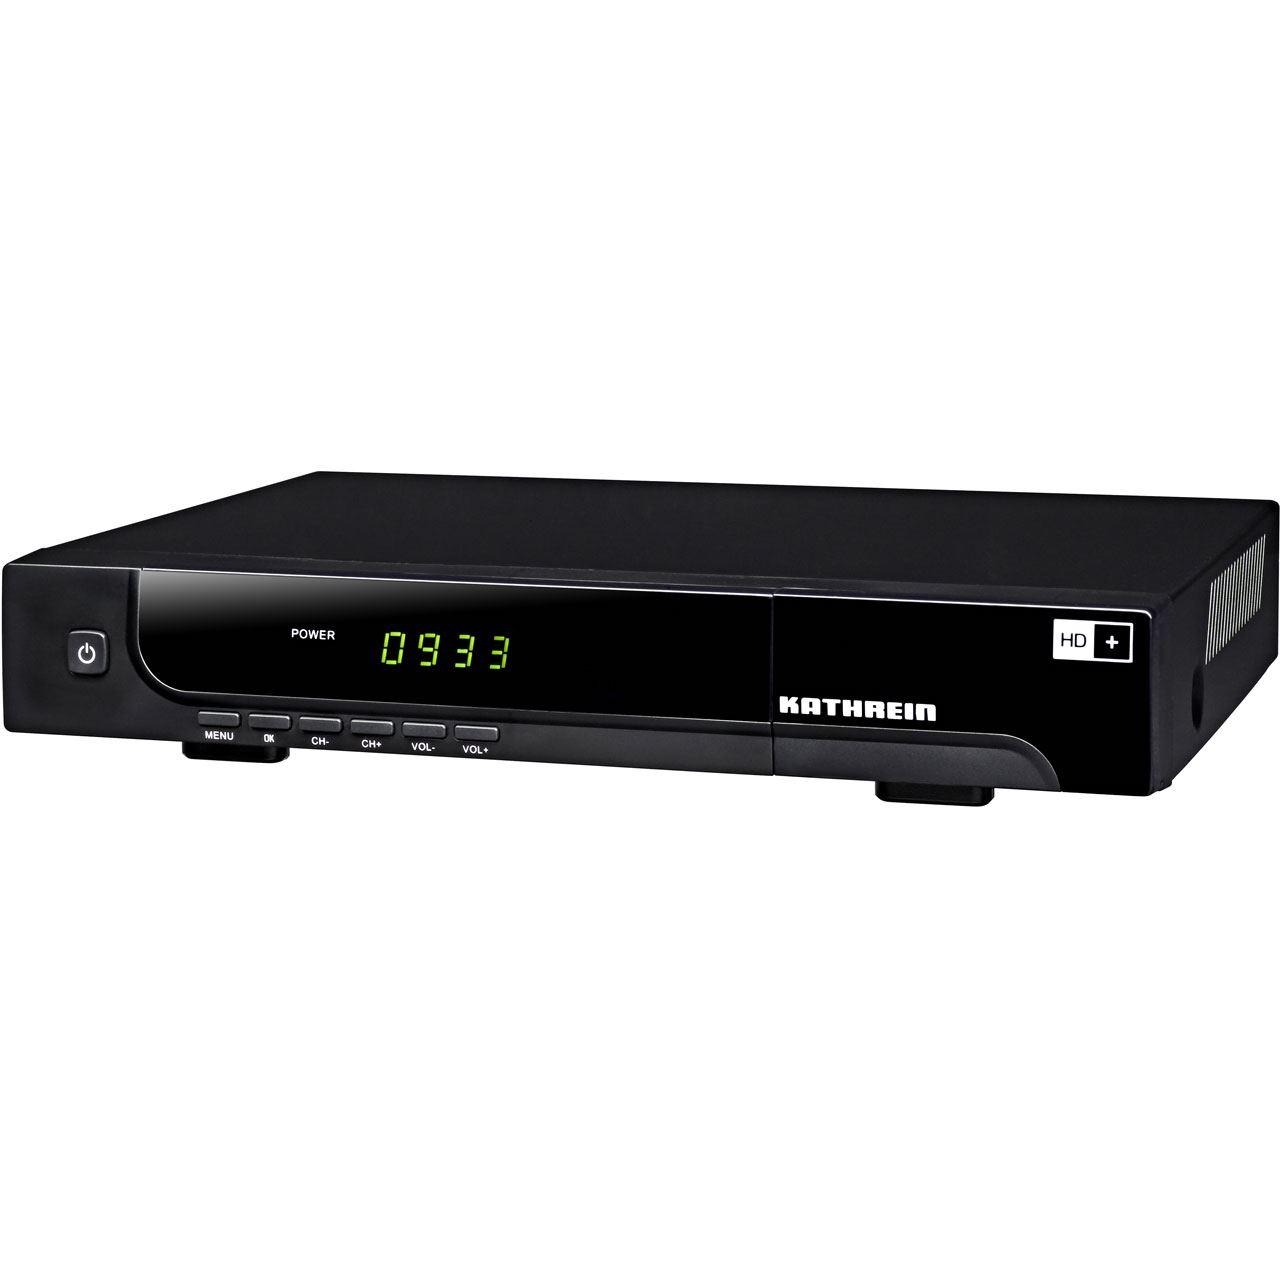 kathrein ufs 933sw hd receiver f r sat tv vibuonline. Black Bedroom Furniture Sets. Home Design Ideas